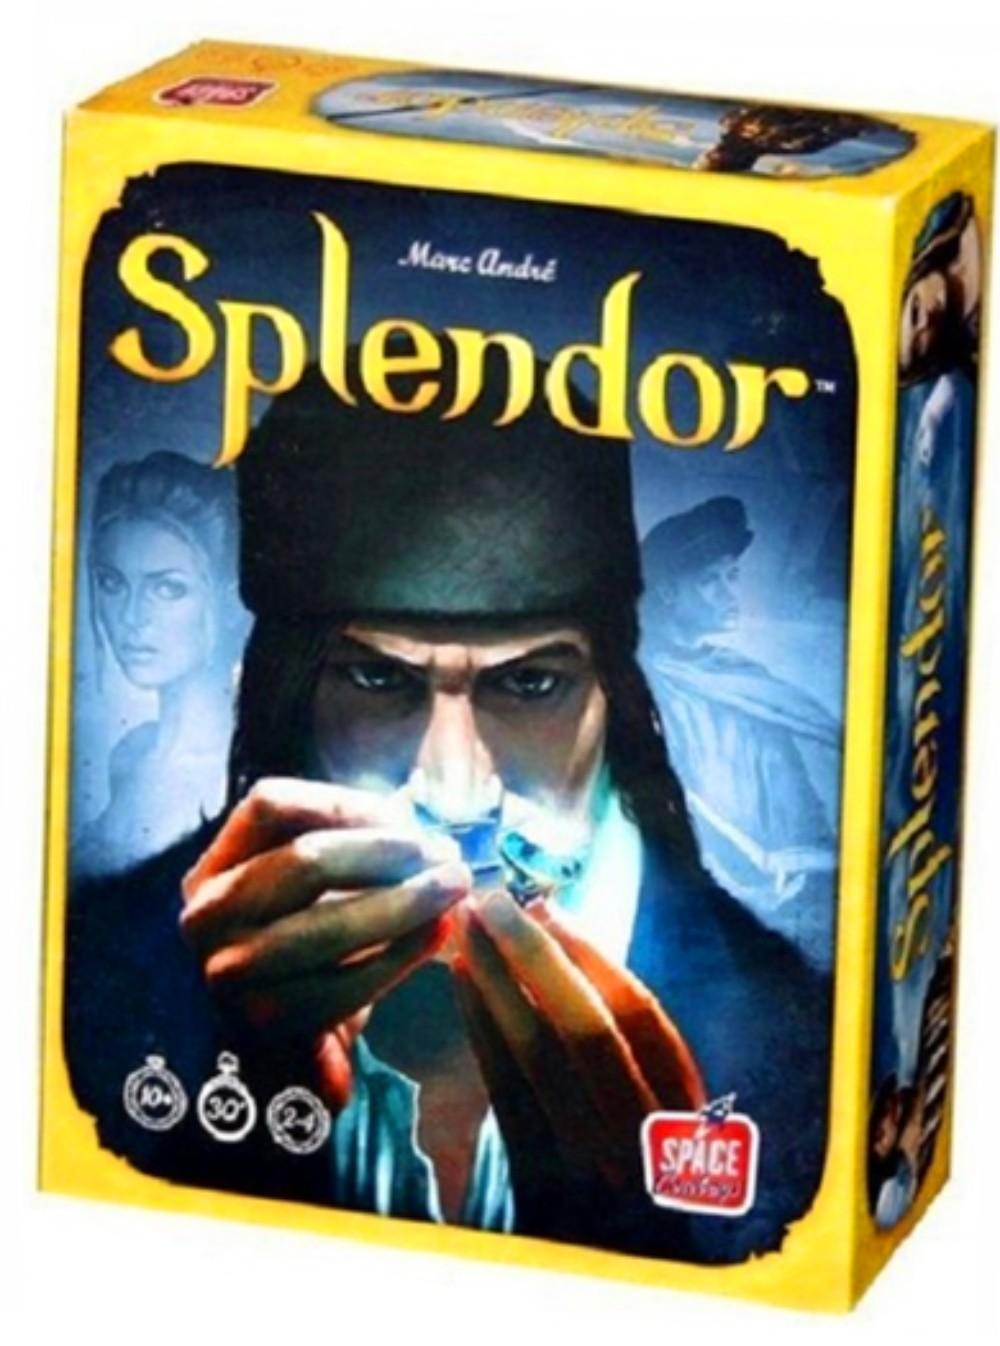 스플렌더 Splender 확장판 기본판 영문판 보석패드 풀세트 스플랜더 보드게임 경영게임, 1.스플렌더 남 기본판